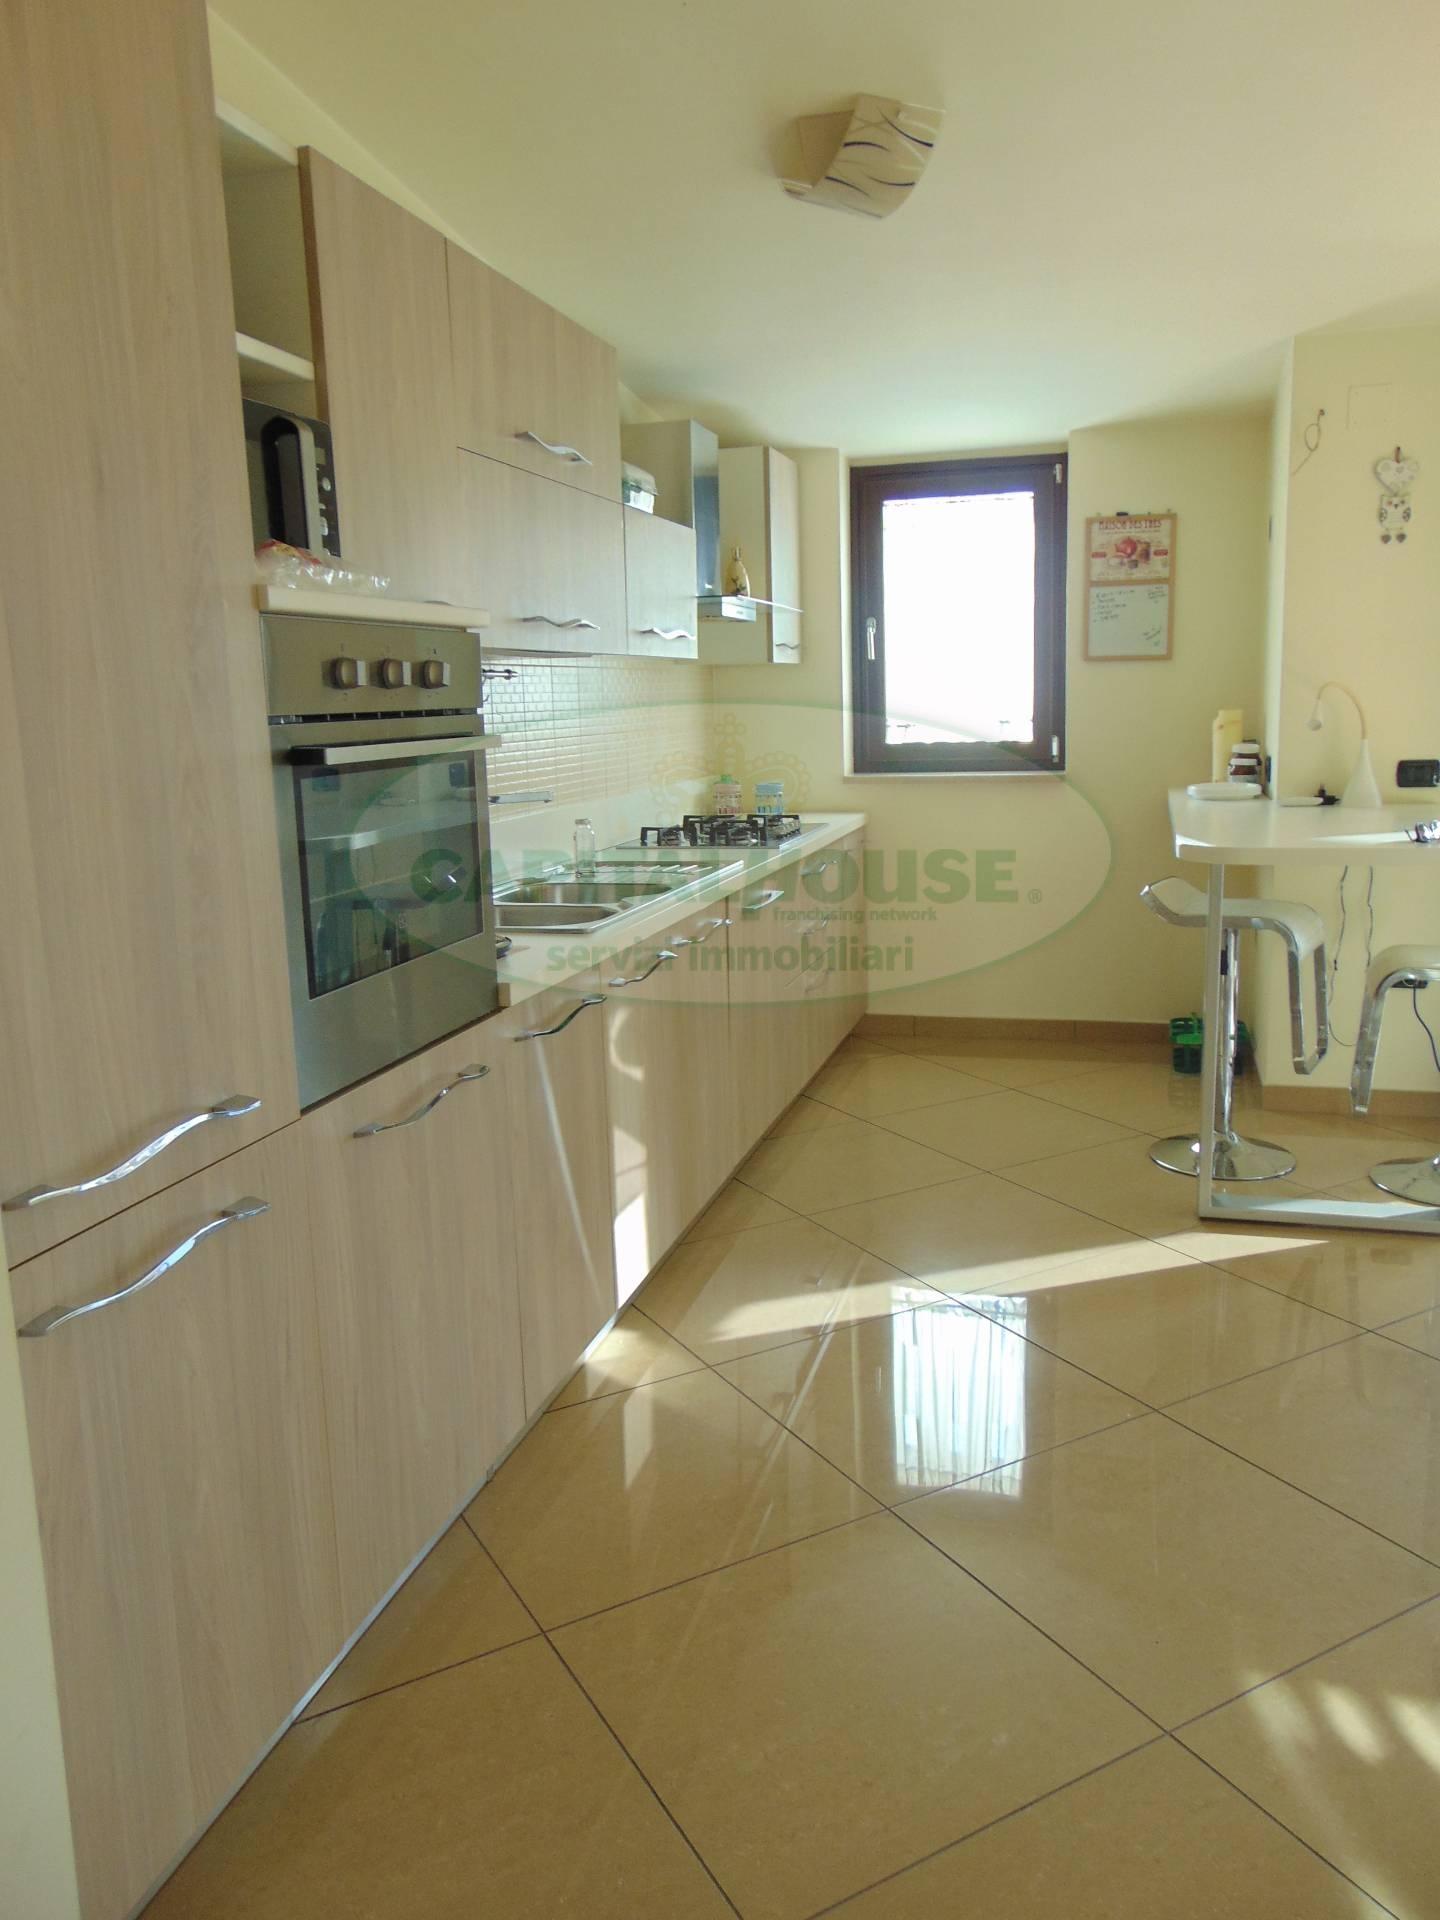 137 chi appartamento in vendita a santa maria capua for Living arredamenti santa maria capua vetere